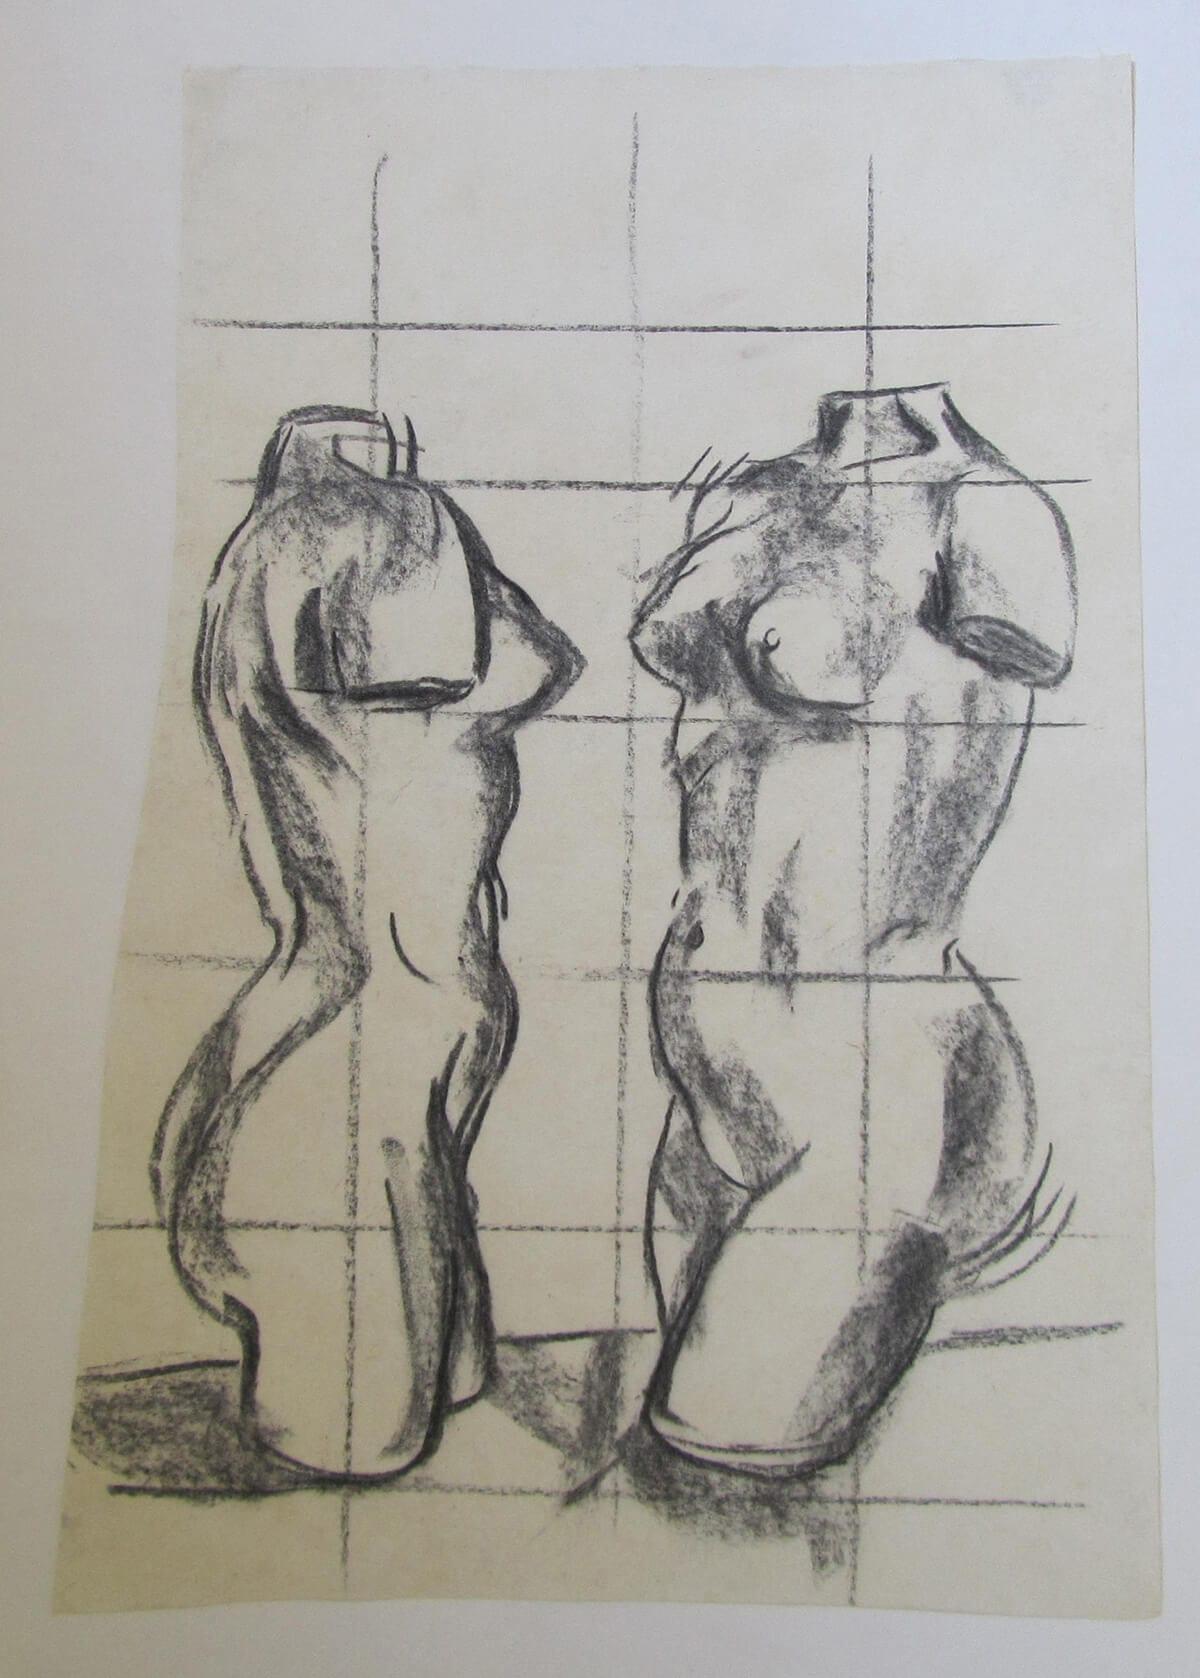 Luis Frangella, Sin título, 1983